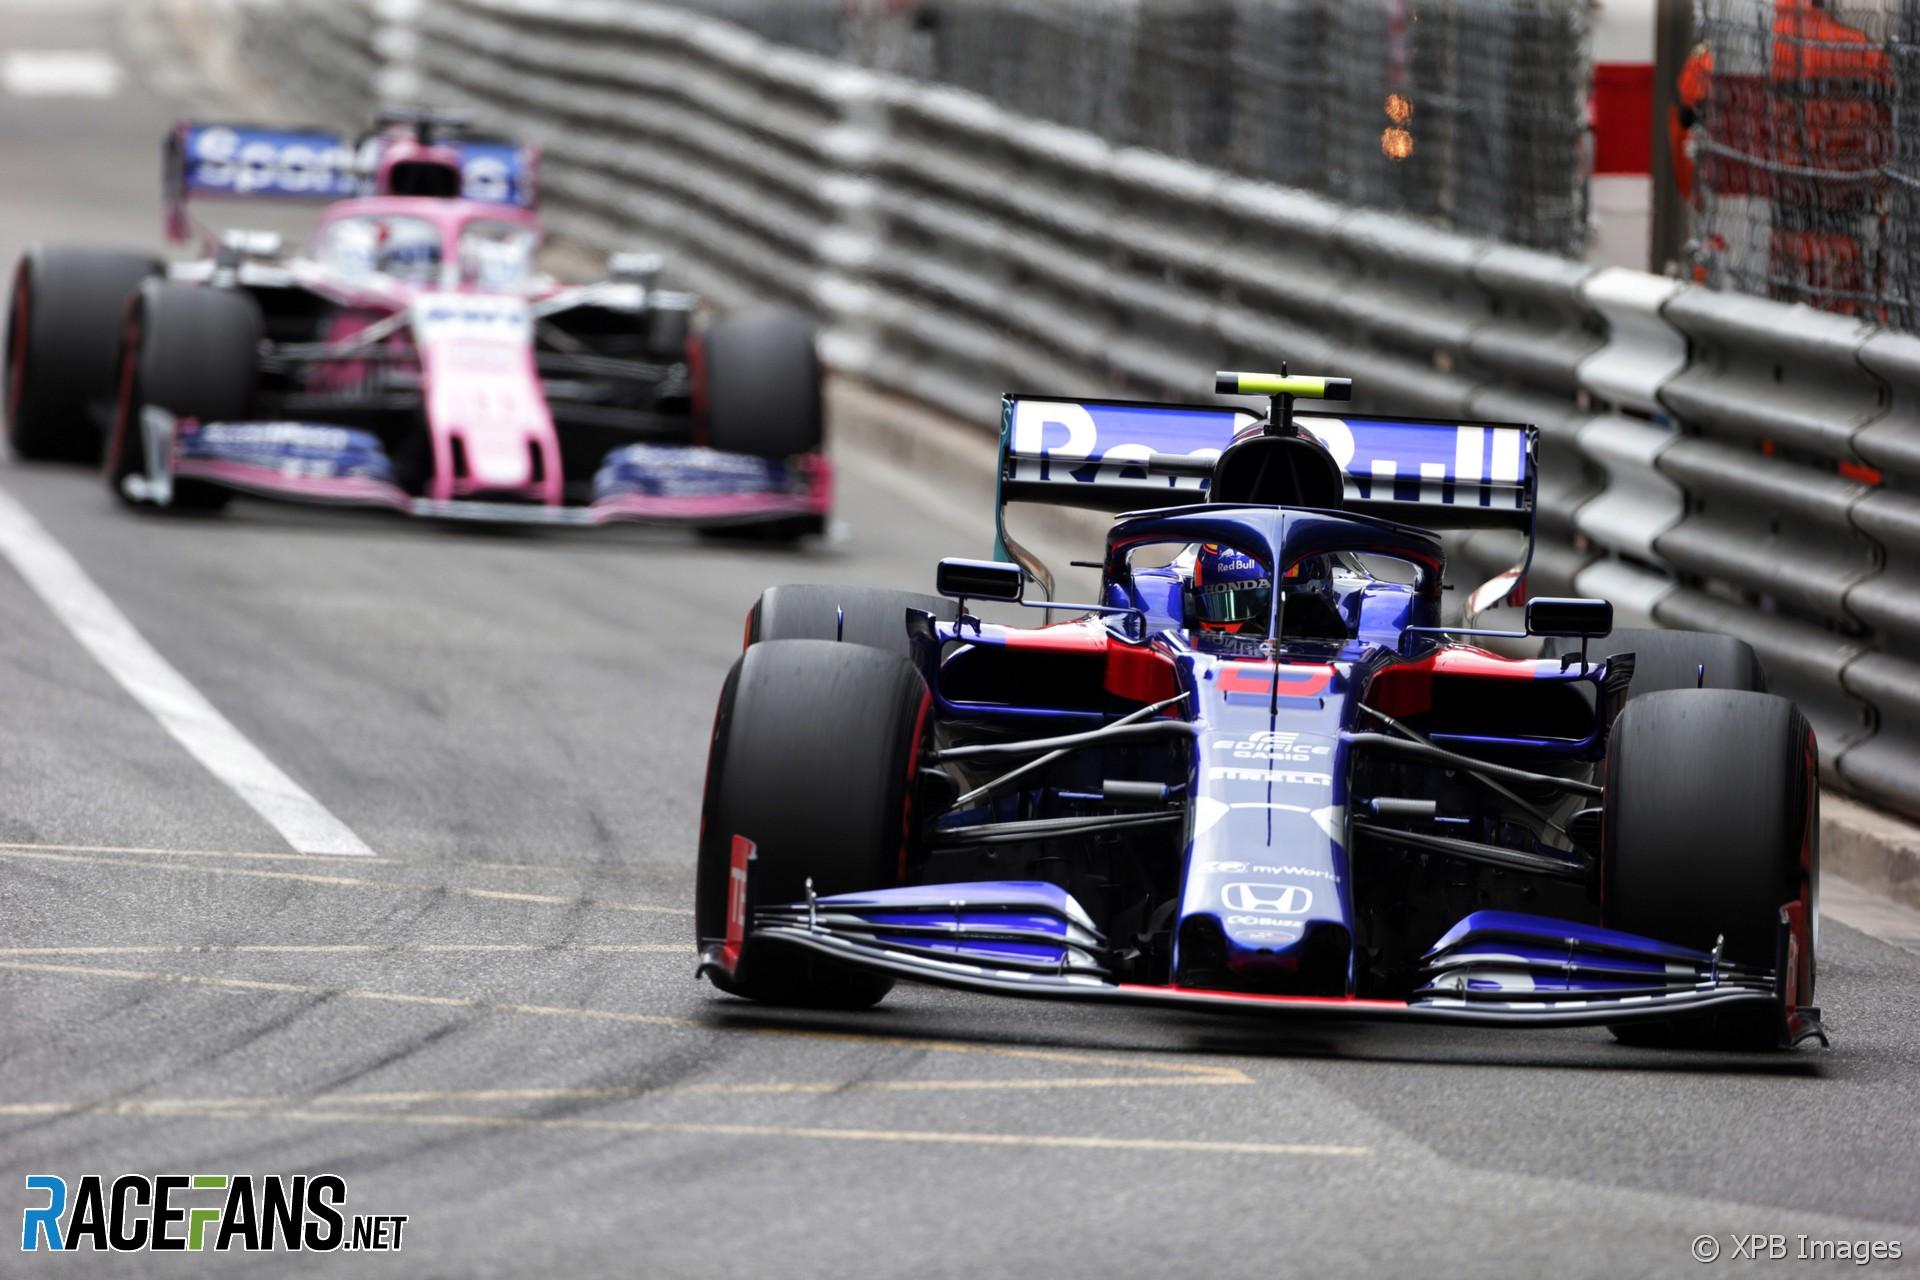 Alexander Albon, Toro Rosso, Monaco, 2019